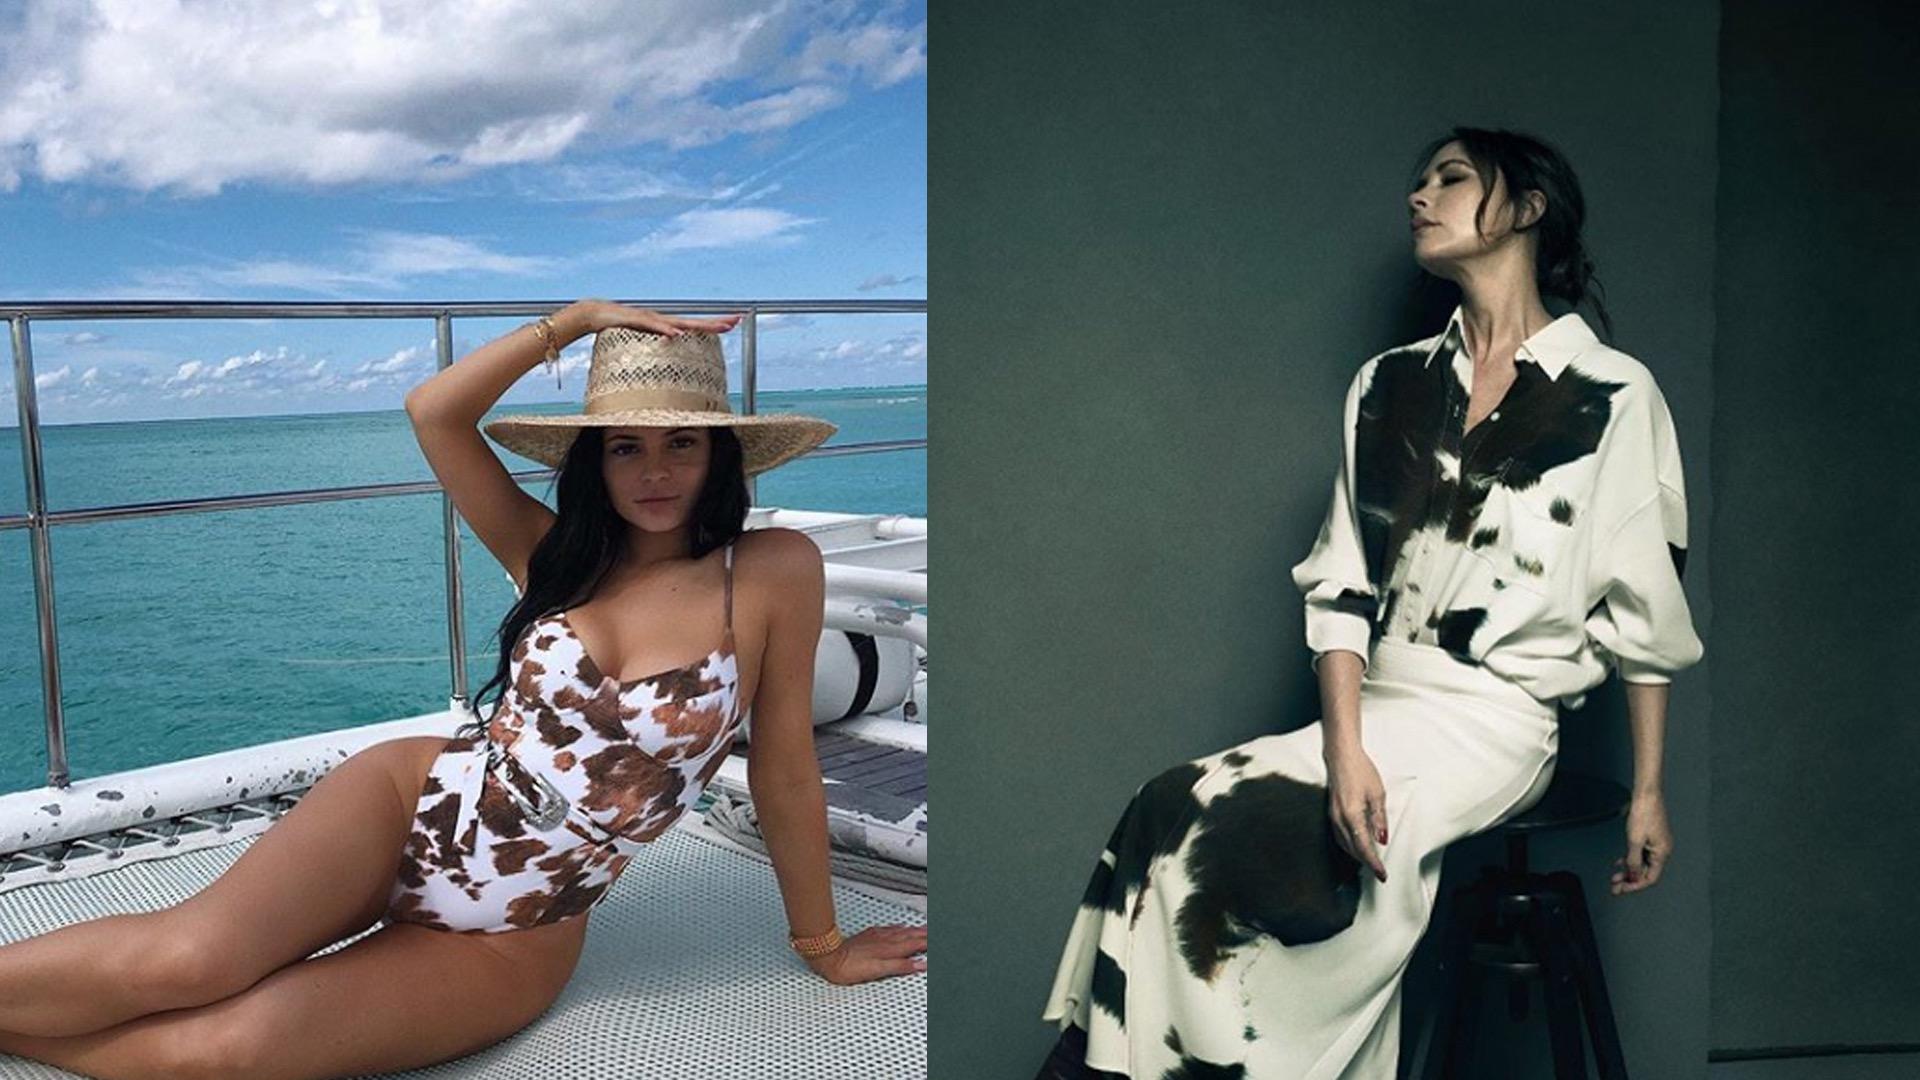 Kylie Jenner posteó la foto con su traje de baño con print y la propuesta de Victoria Beckham para la temporada otoño-invierno 2019.